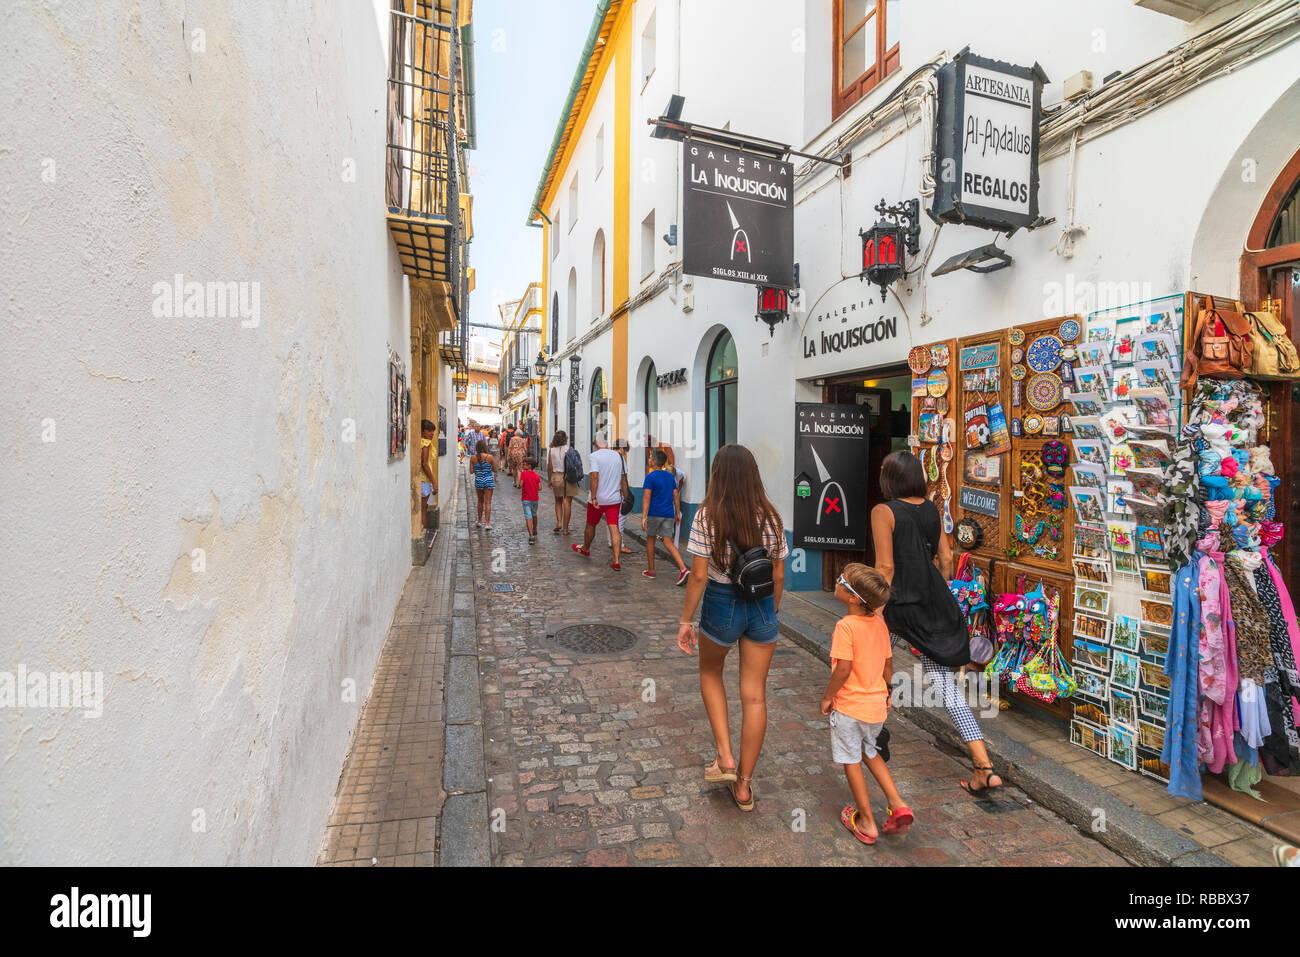 4d41a9704 Hay turistas que caminan en las callejuelas de la ciudad vieja entre  tiendas de recuerdos y